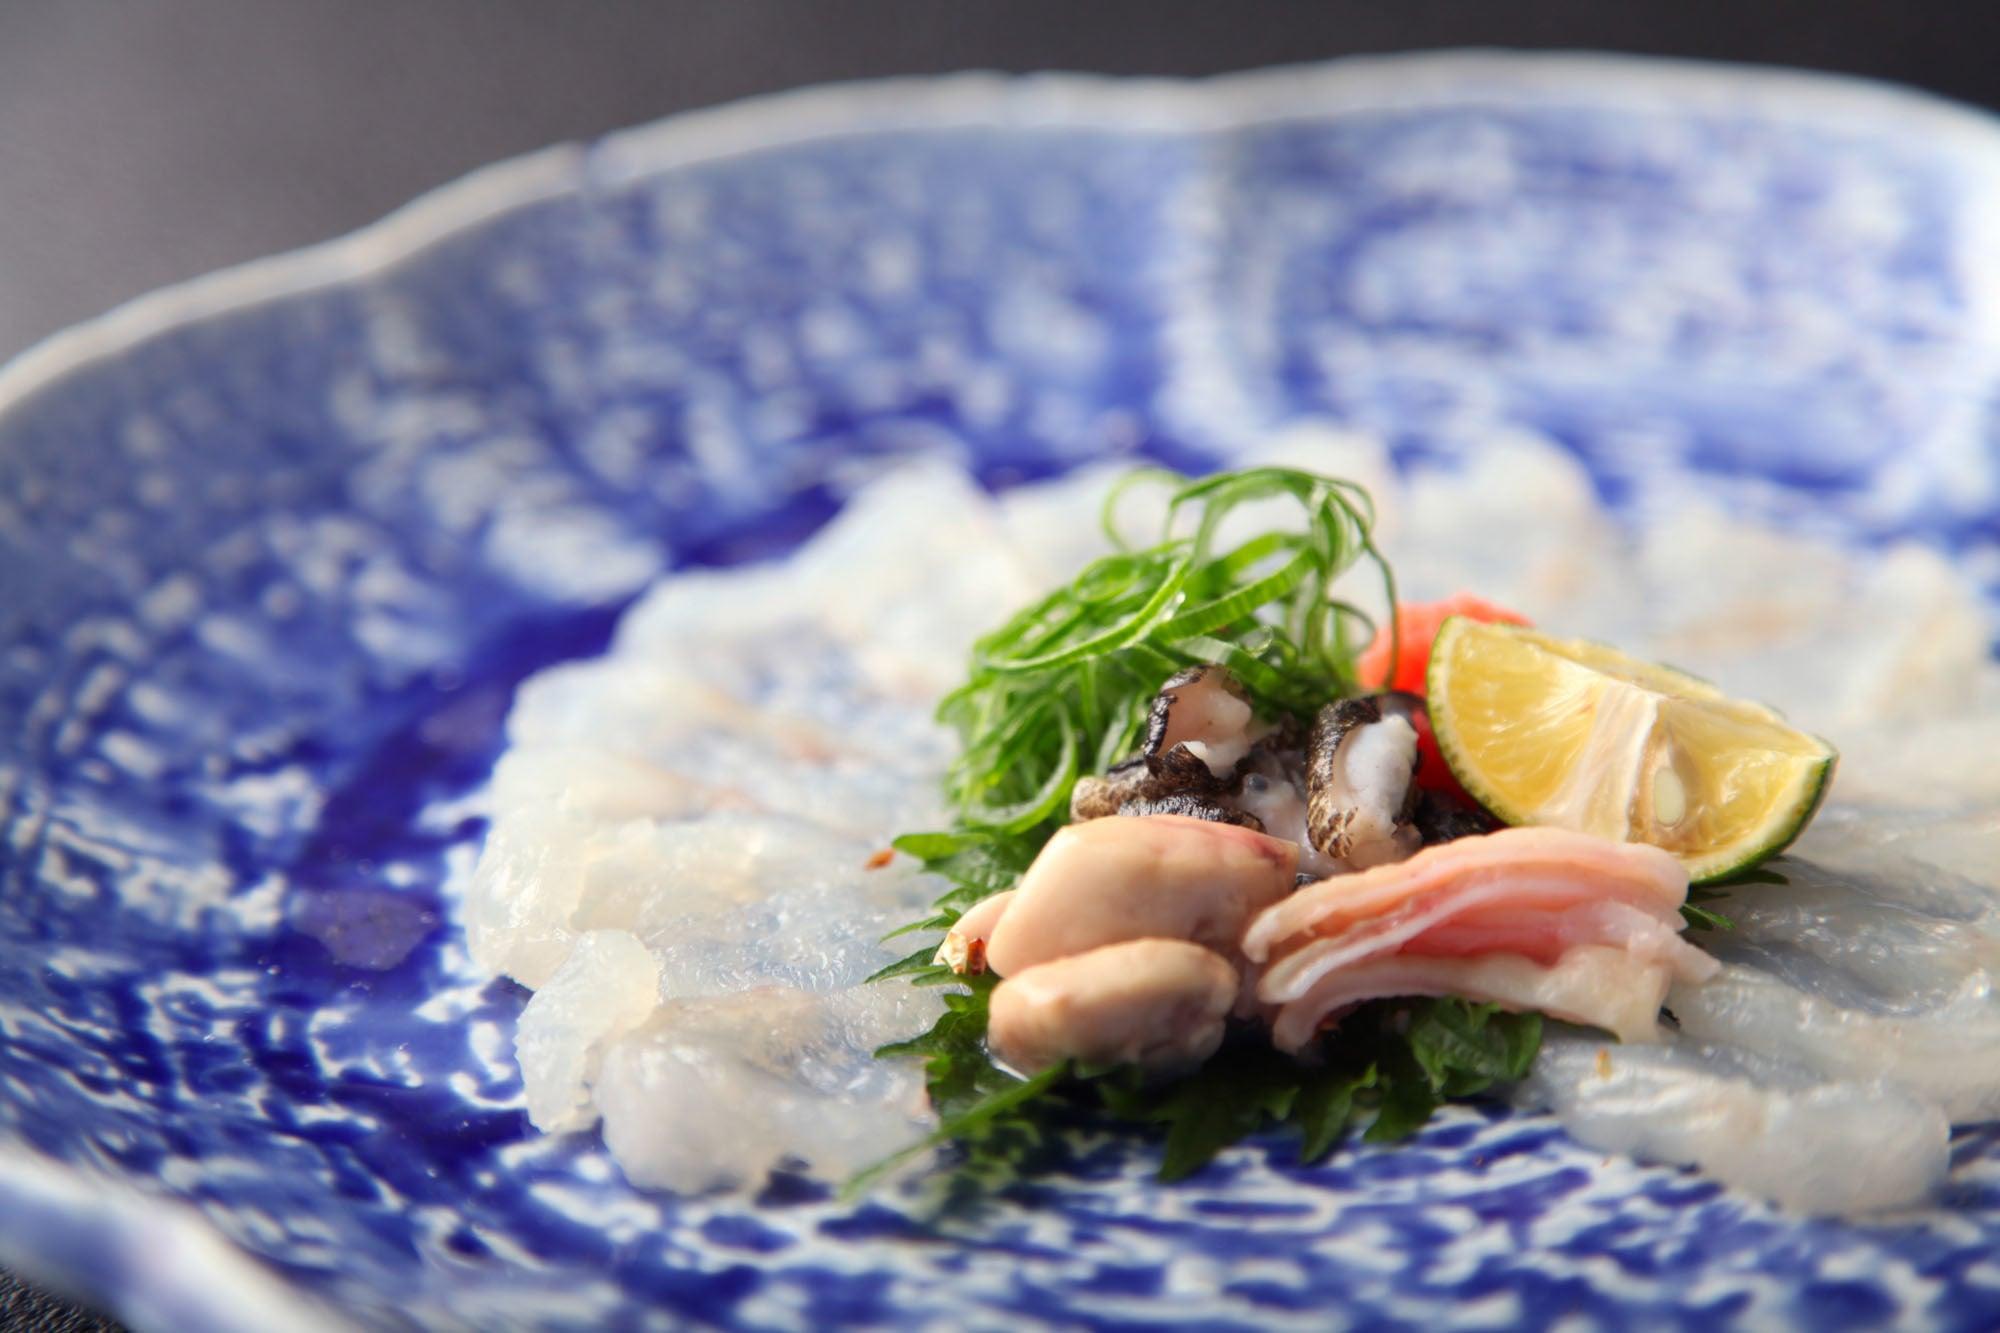 アオアヲ 徳島県産虎魚(オコゼ)お造りまたは唐揚げ